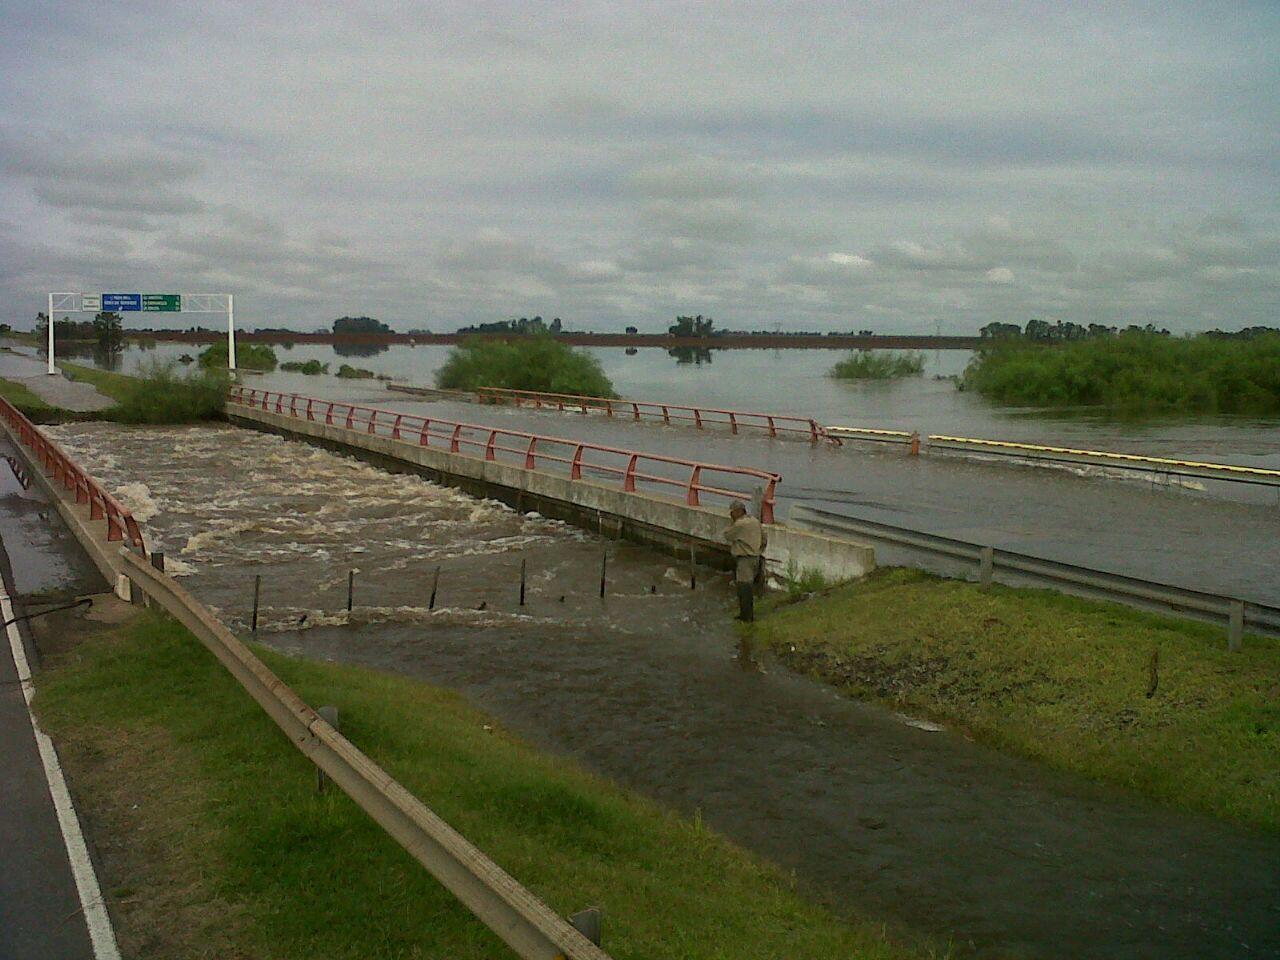 La autopista Rosario-Santa Fe permance cortada por el desborde del arroyo Colastiné.